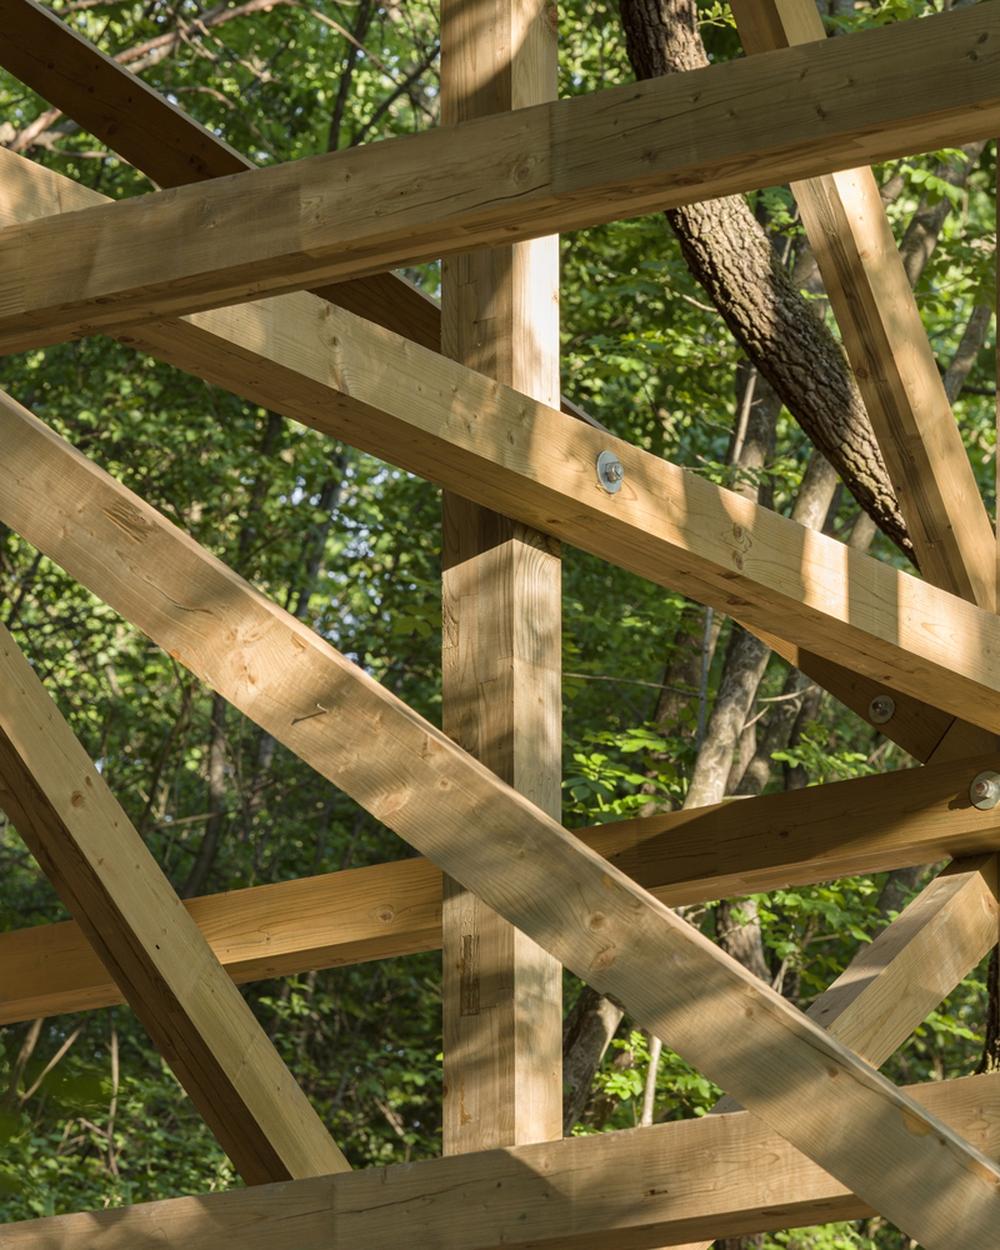 Độc đáo ngôi nhà vô cùng đơn giản, với 12 cái chân, tầm nhìn ra sông - Ảnh 11.